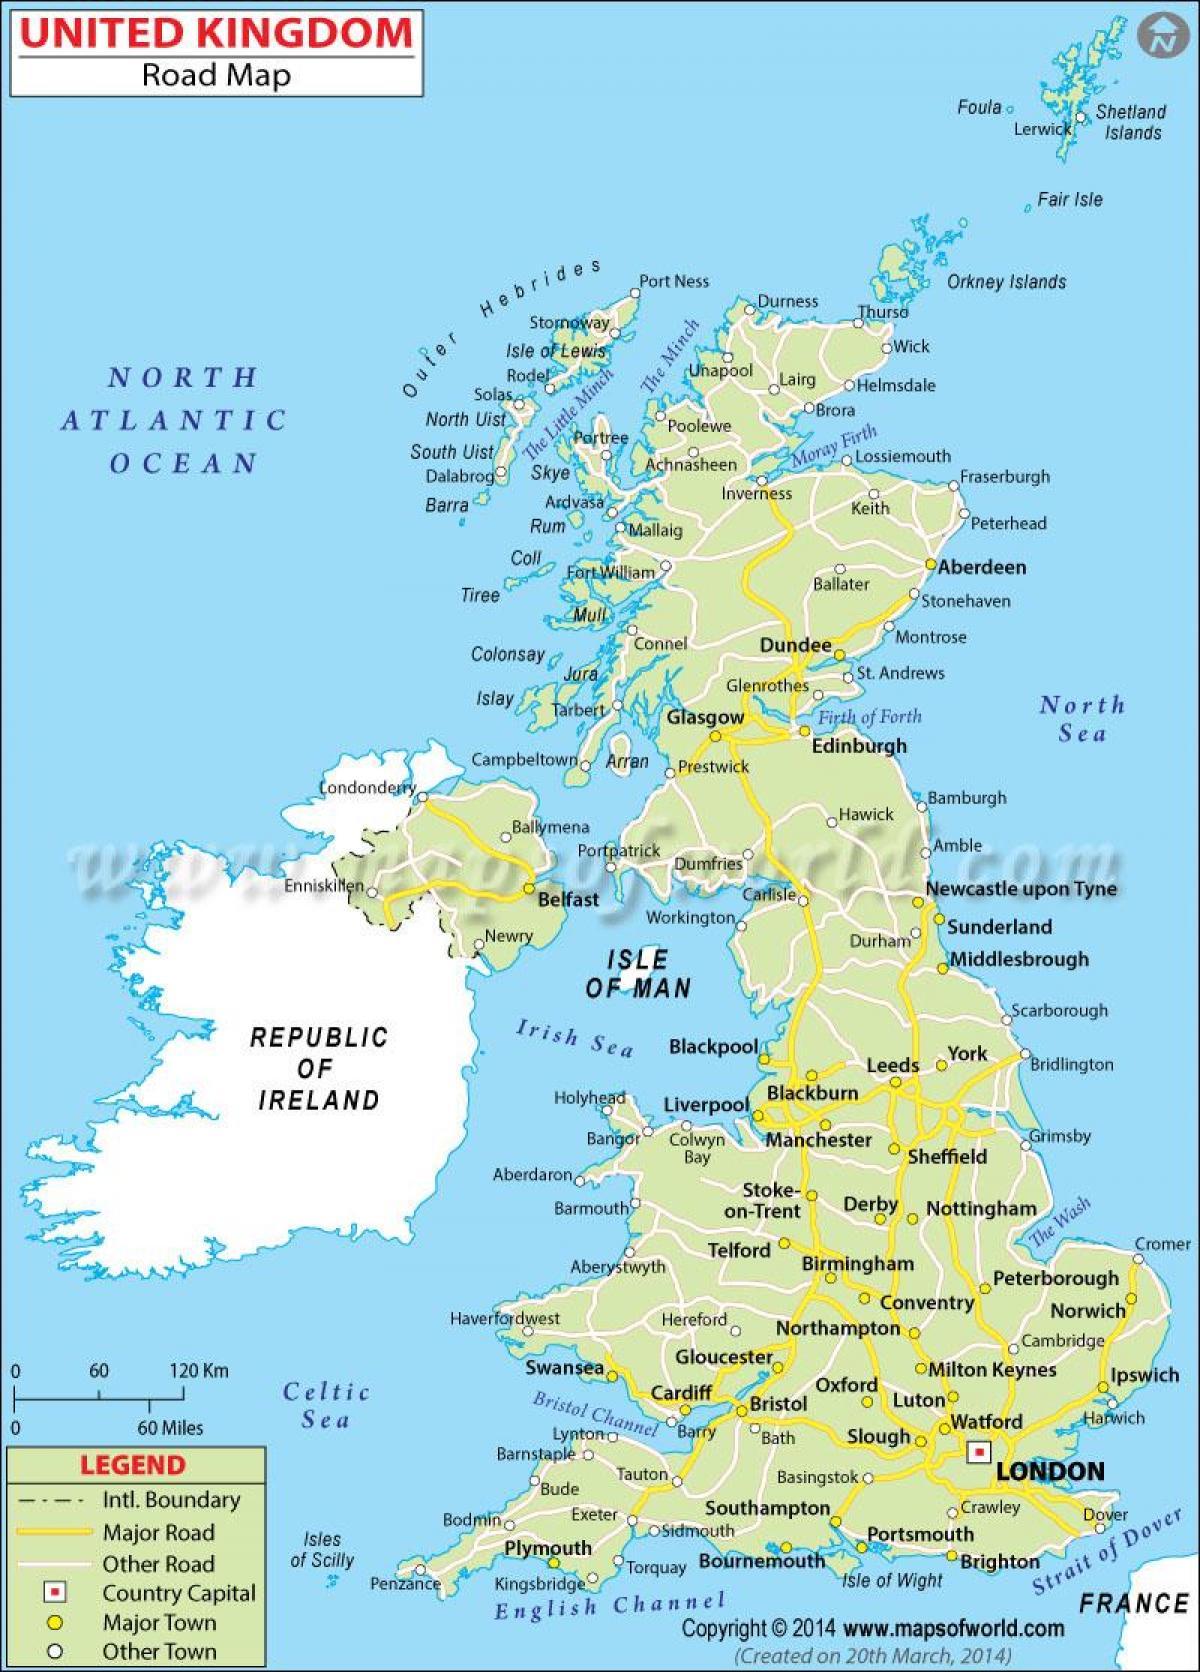 Immagini Della Cartina Della Gran Bretagna.Gran Bretagna Mappa Cartina Mappa Della Gran Bretagna Europa Del Nord Europa